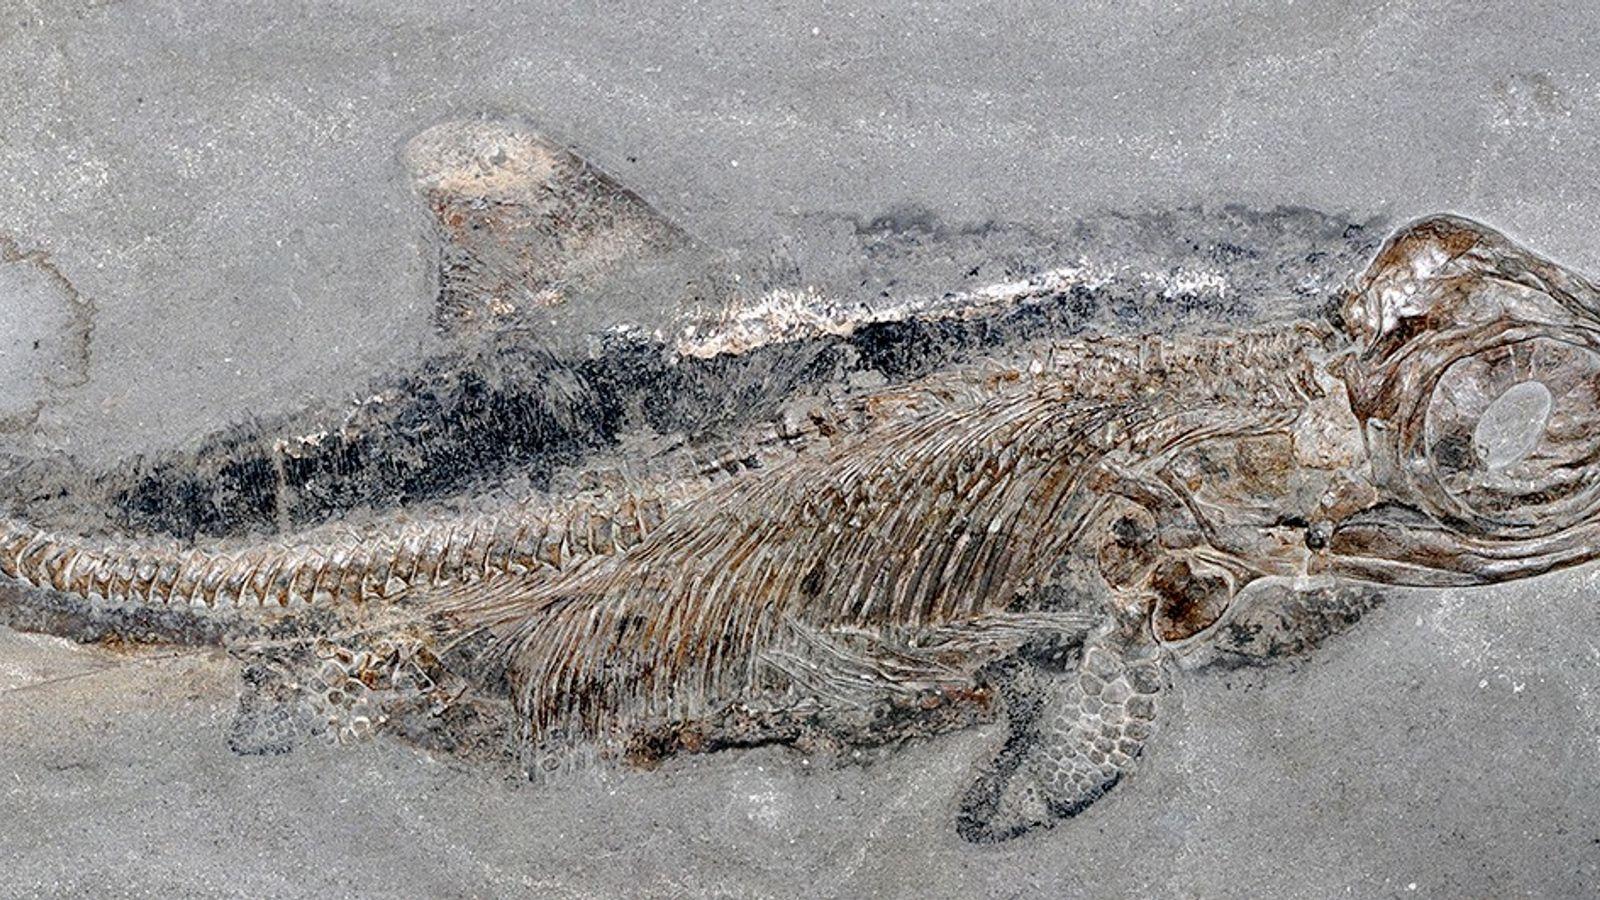 De nombreux fossiles d'animaux marins vieux de 180 millions d'années, dont ceux de milliers d'ichtyosaures, des ...